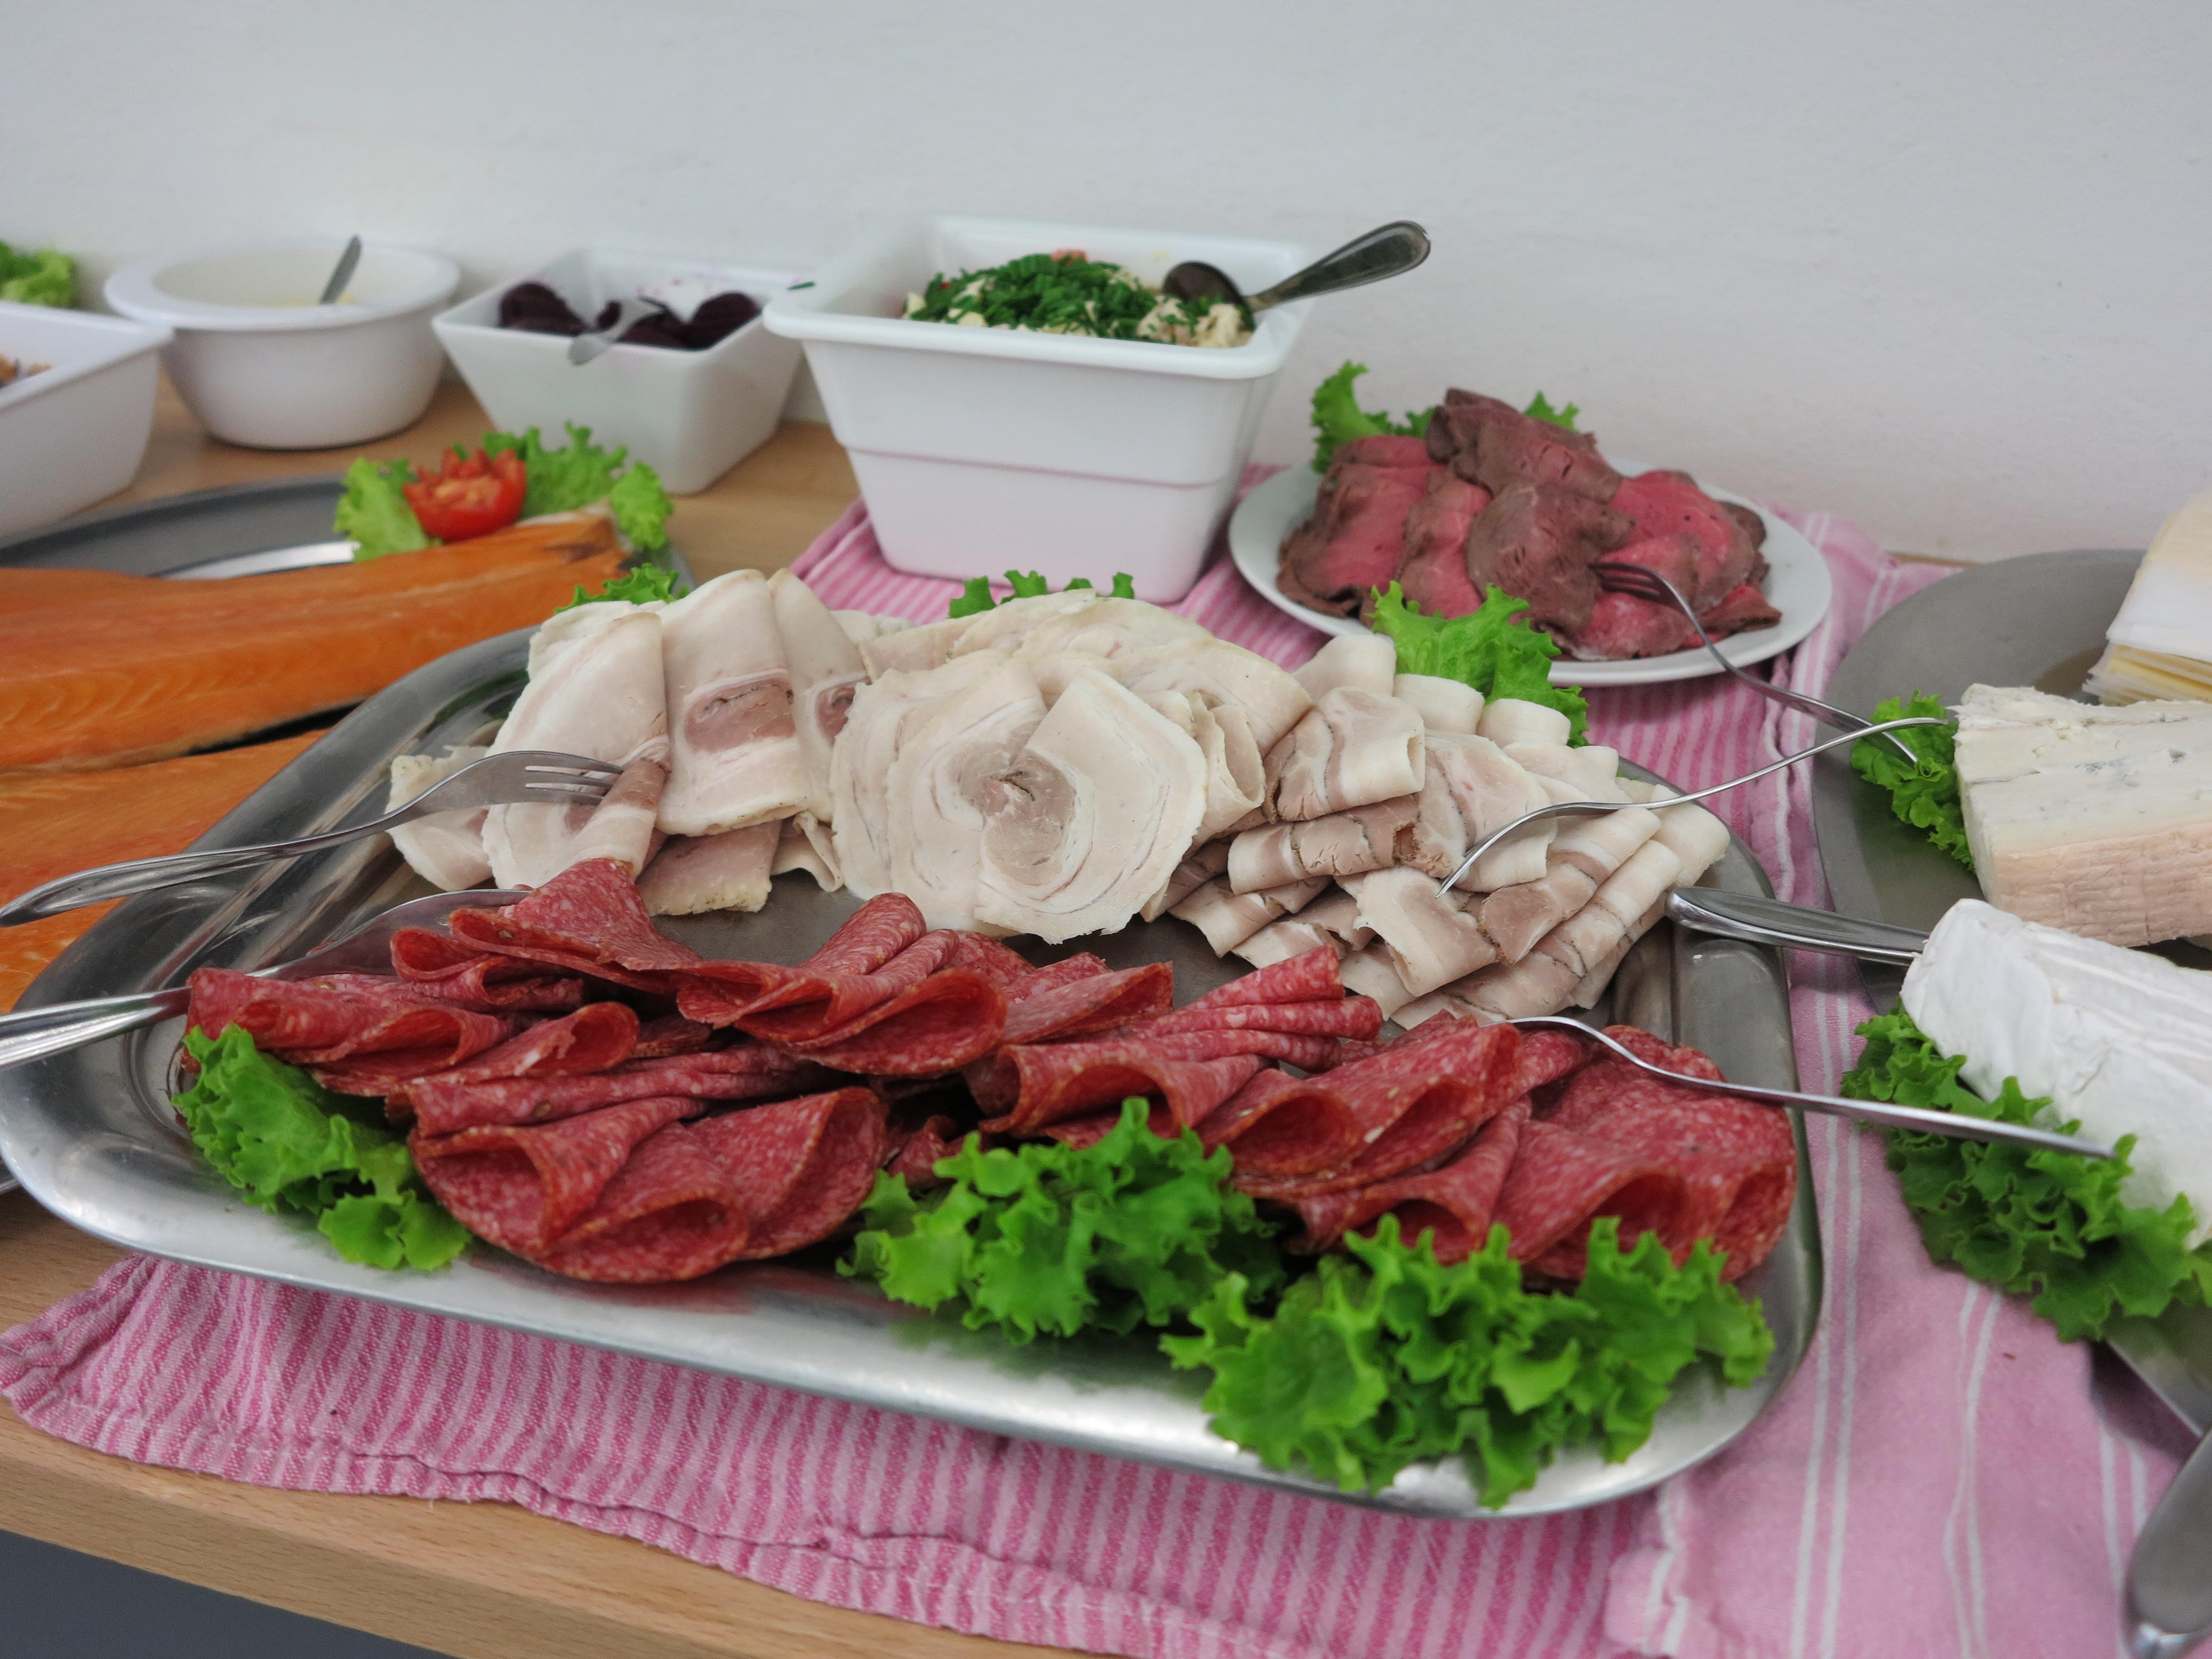 Nyt udsugningsanlæg i køkkenet blev fejret med brunch i spisestuen